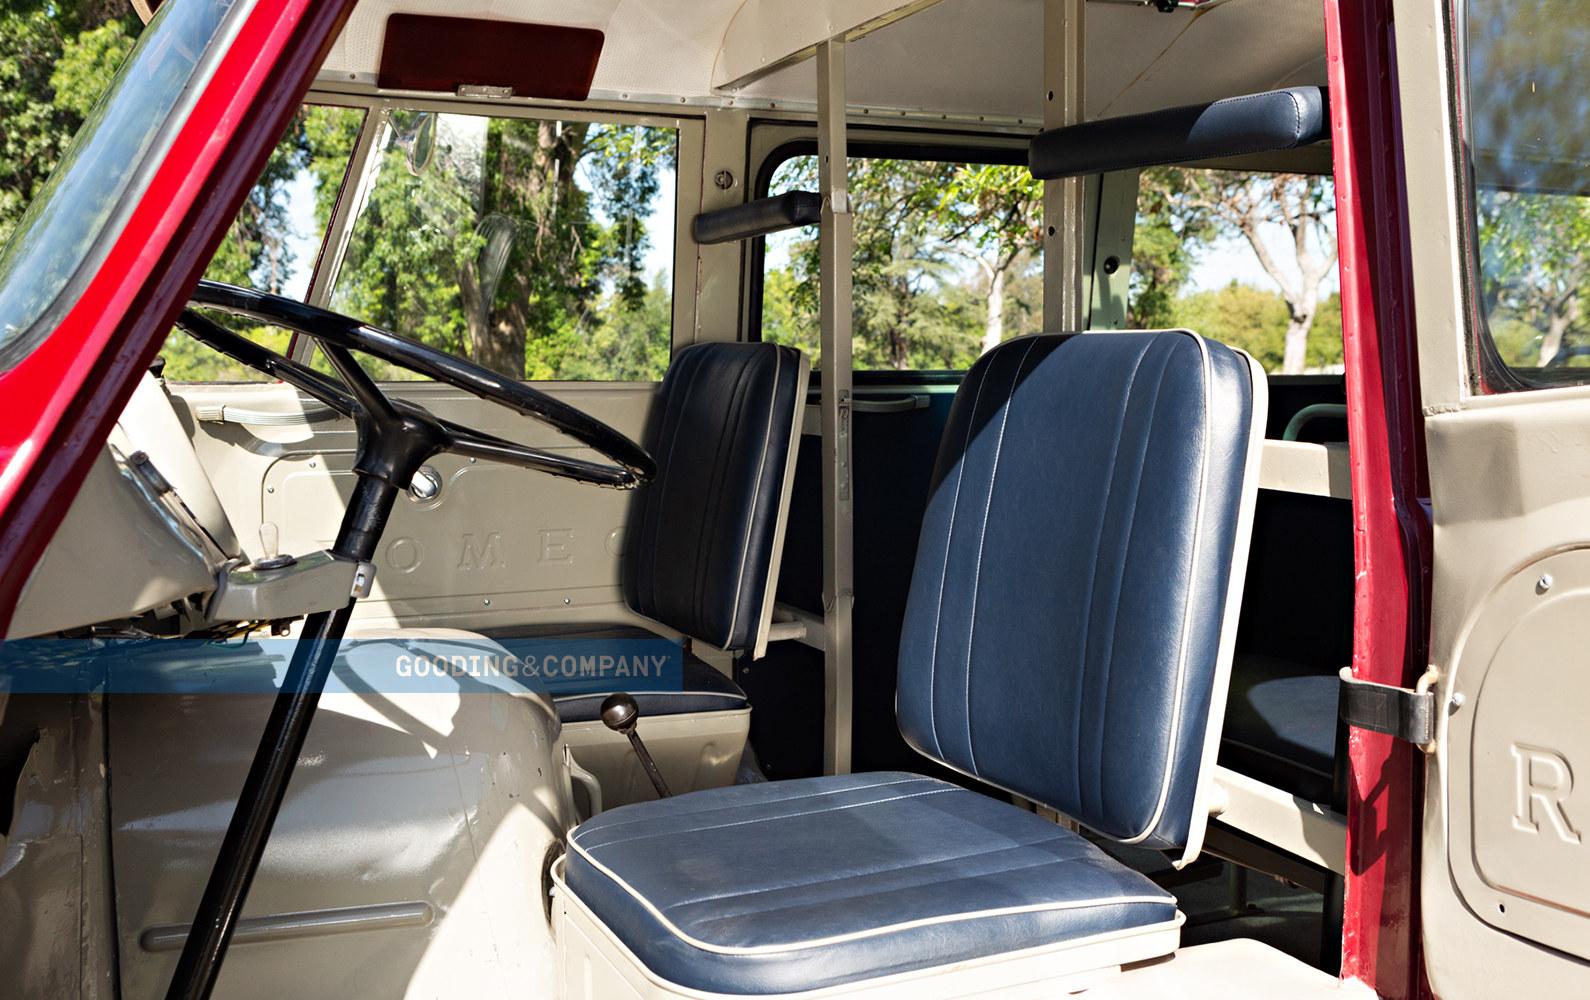 Gli interni del minibus Alfa Romeo Autotutto che sarà messo in vendita a breve